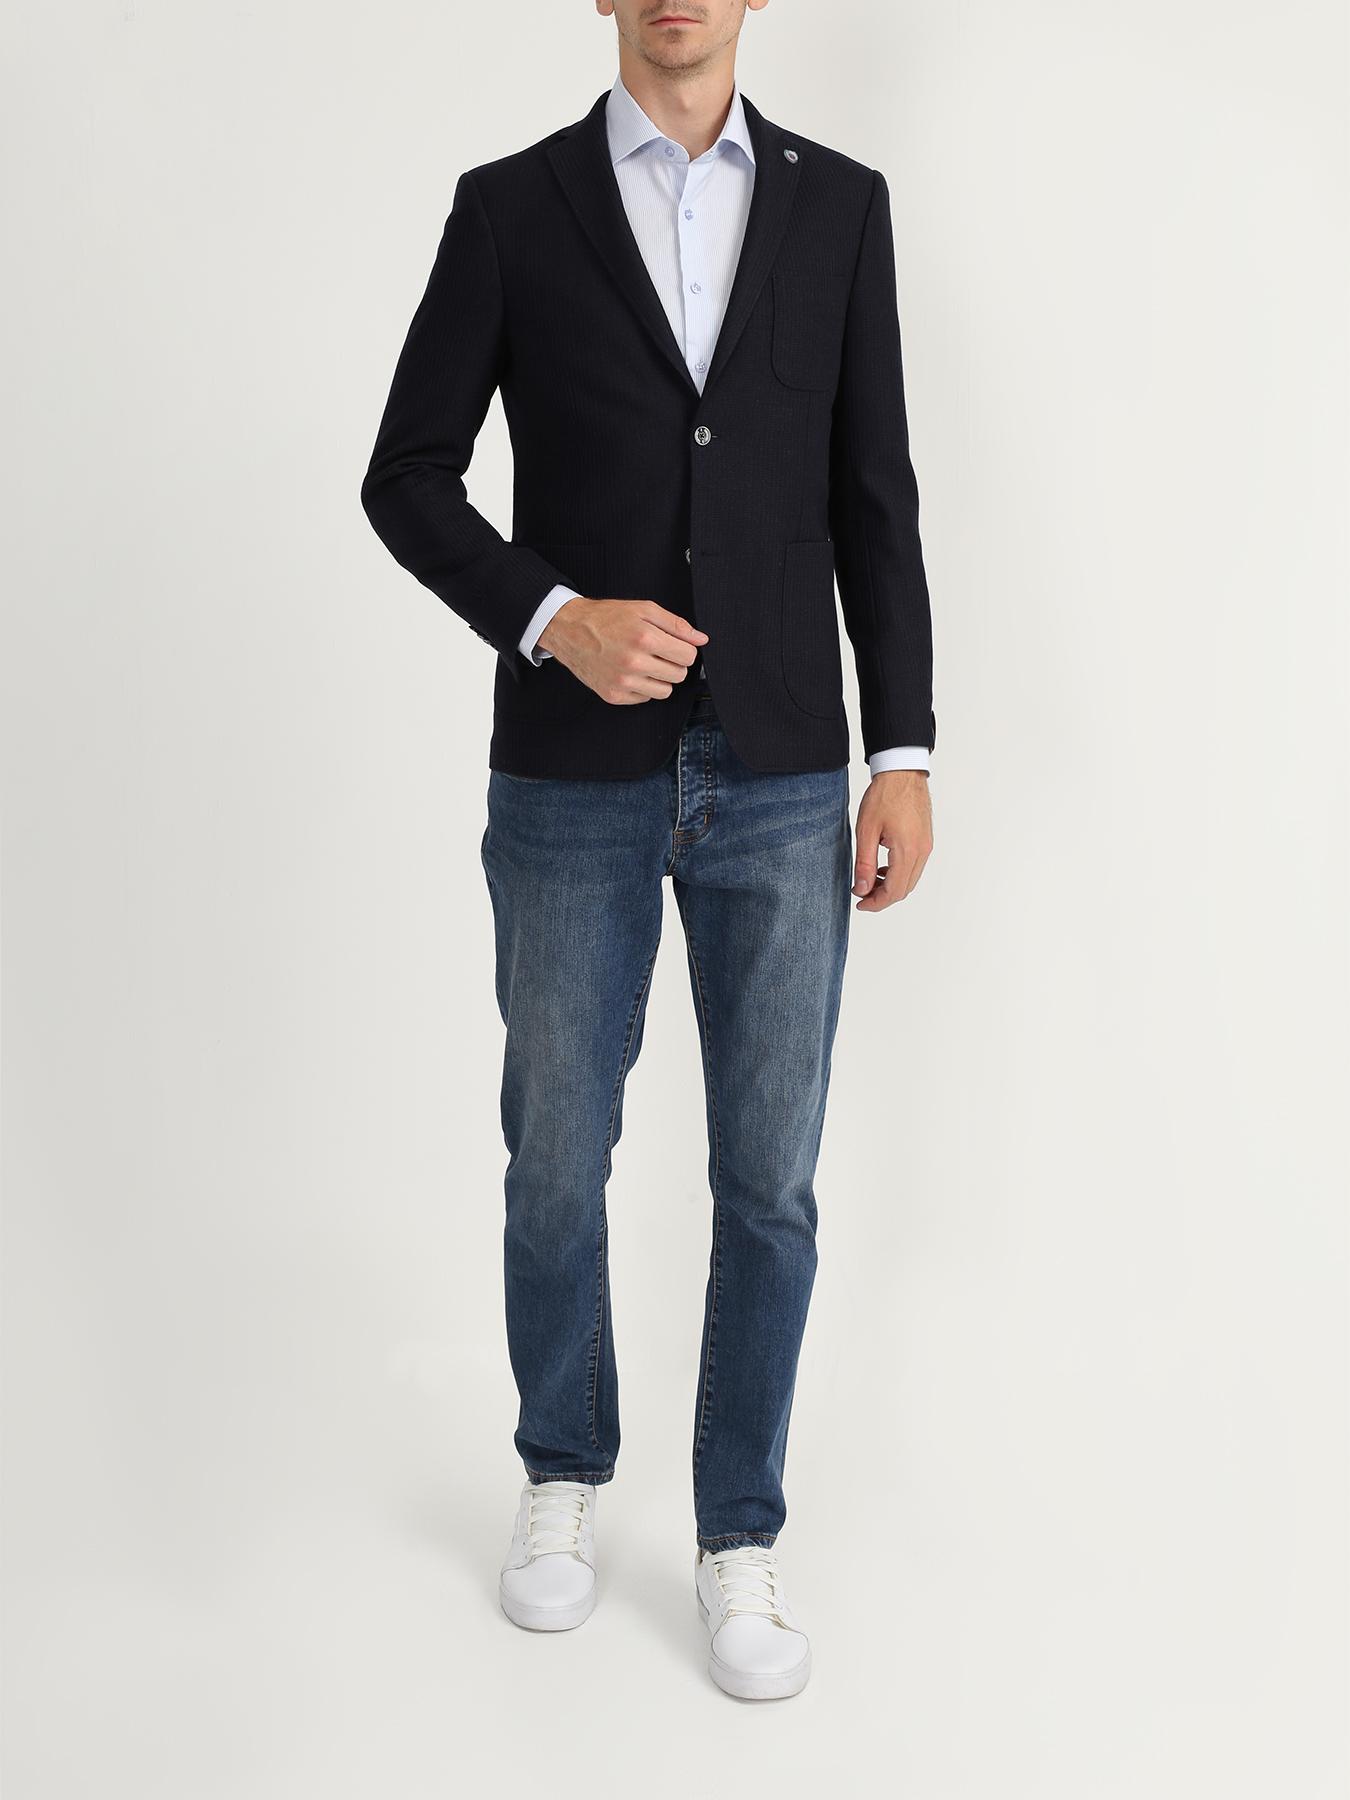 Пиджак Finisterre Пиджак пиджак zero пиджак